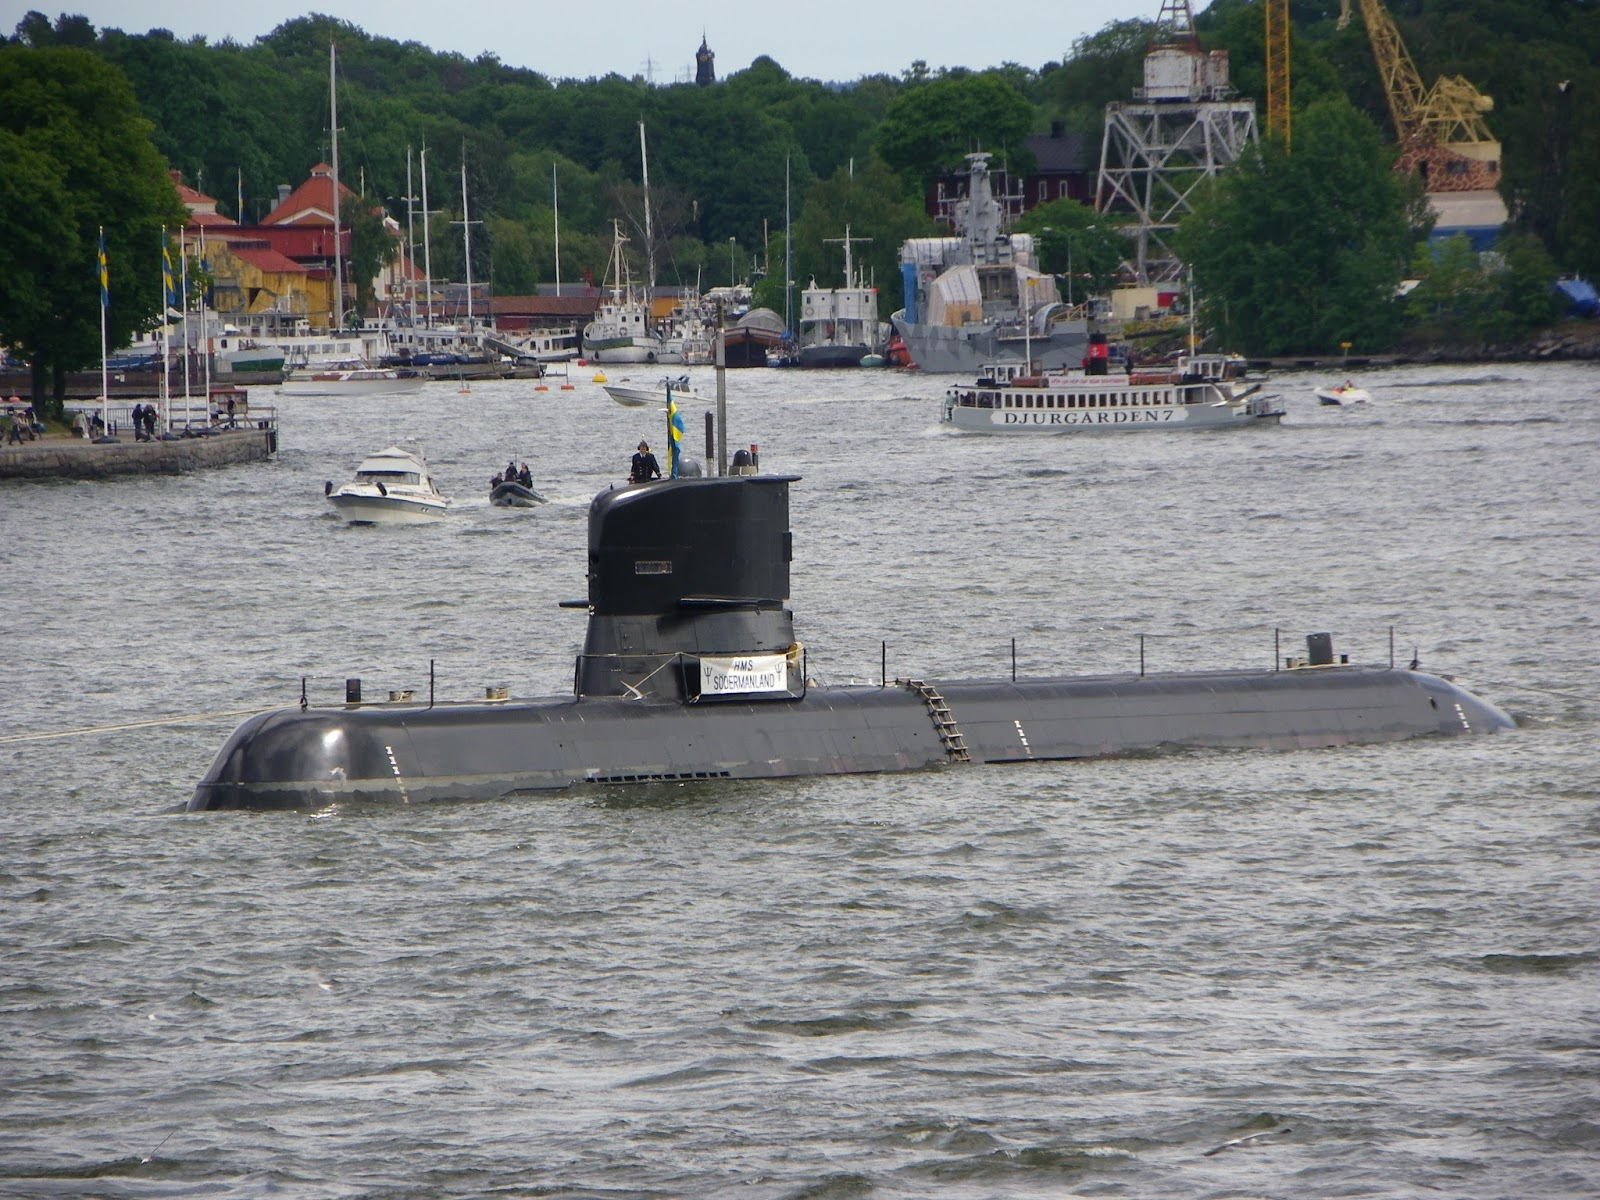 full frame: aip submarines for rsn